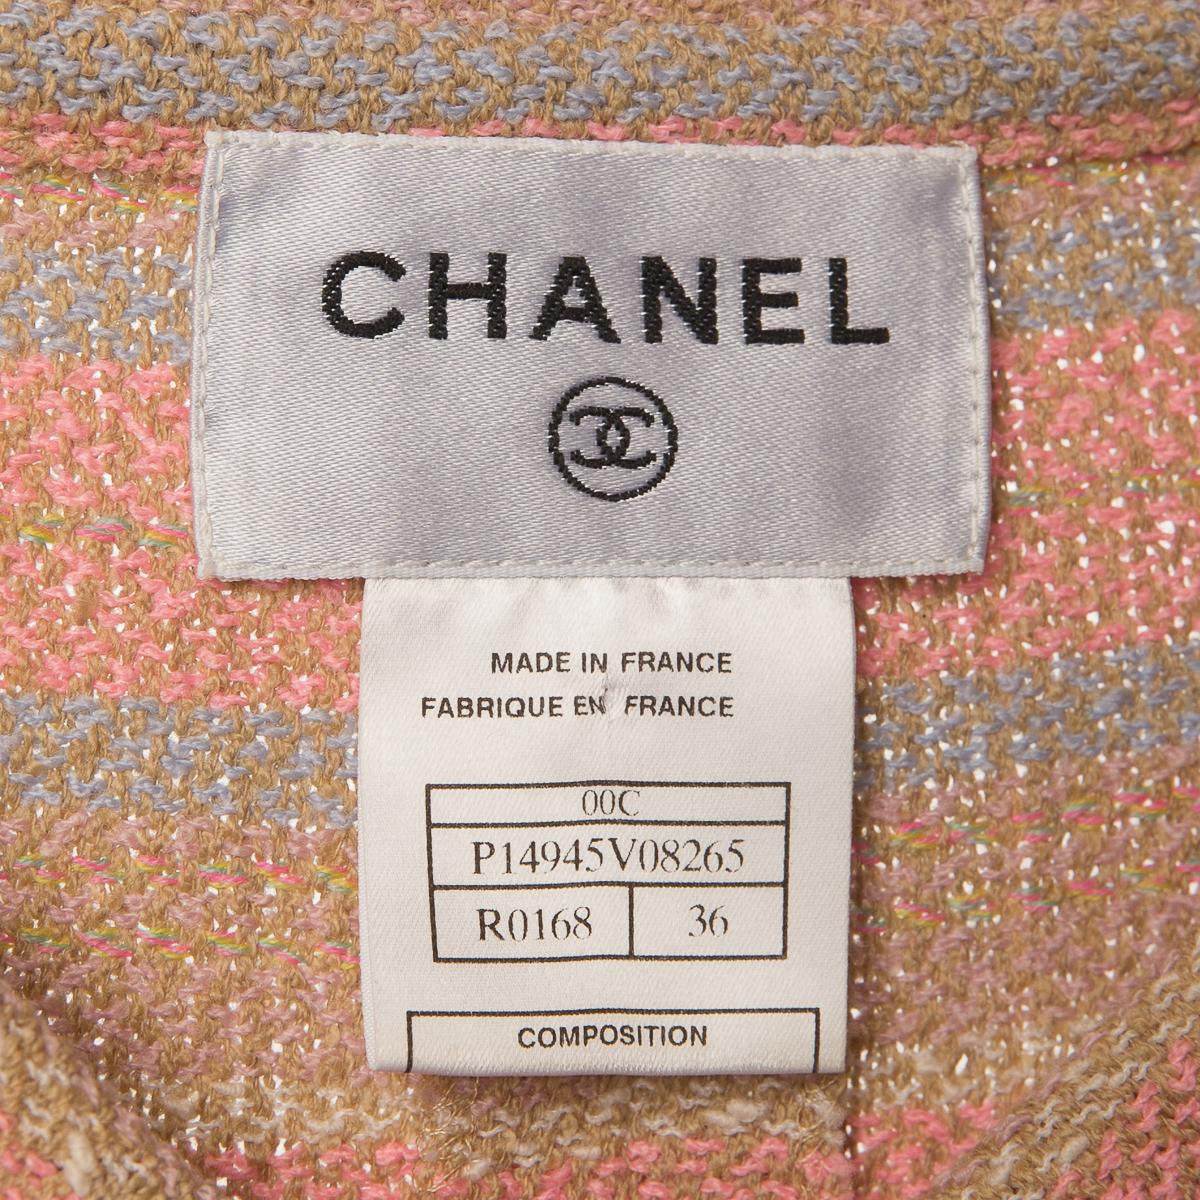 Элегантное платье нежно-розового цвета от Chanel, 36 размер.